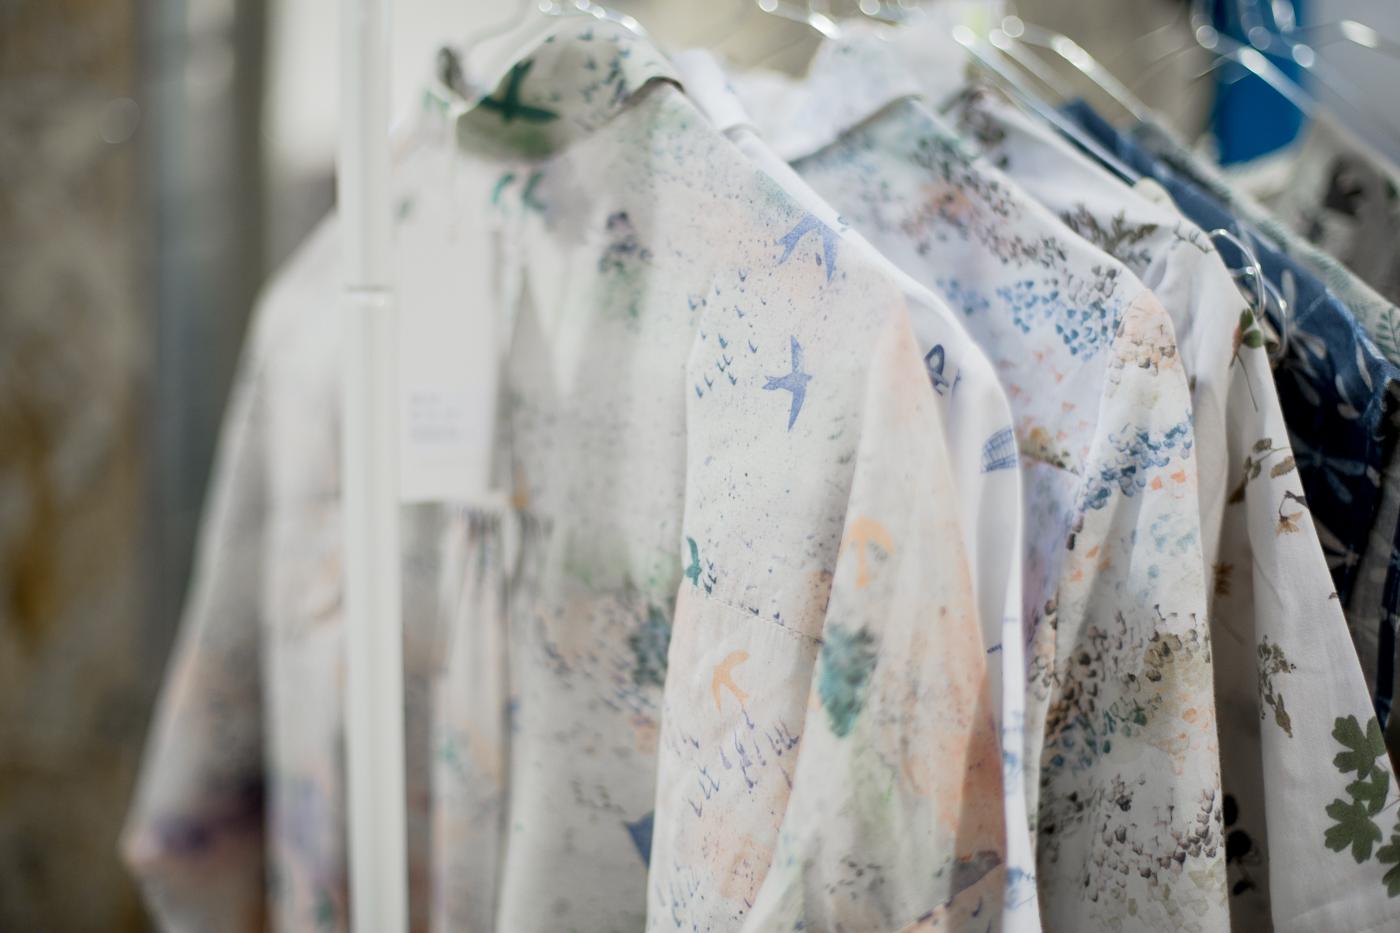 Moda ètica i sostenible: el futur està liderat per les petites marques